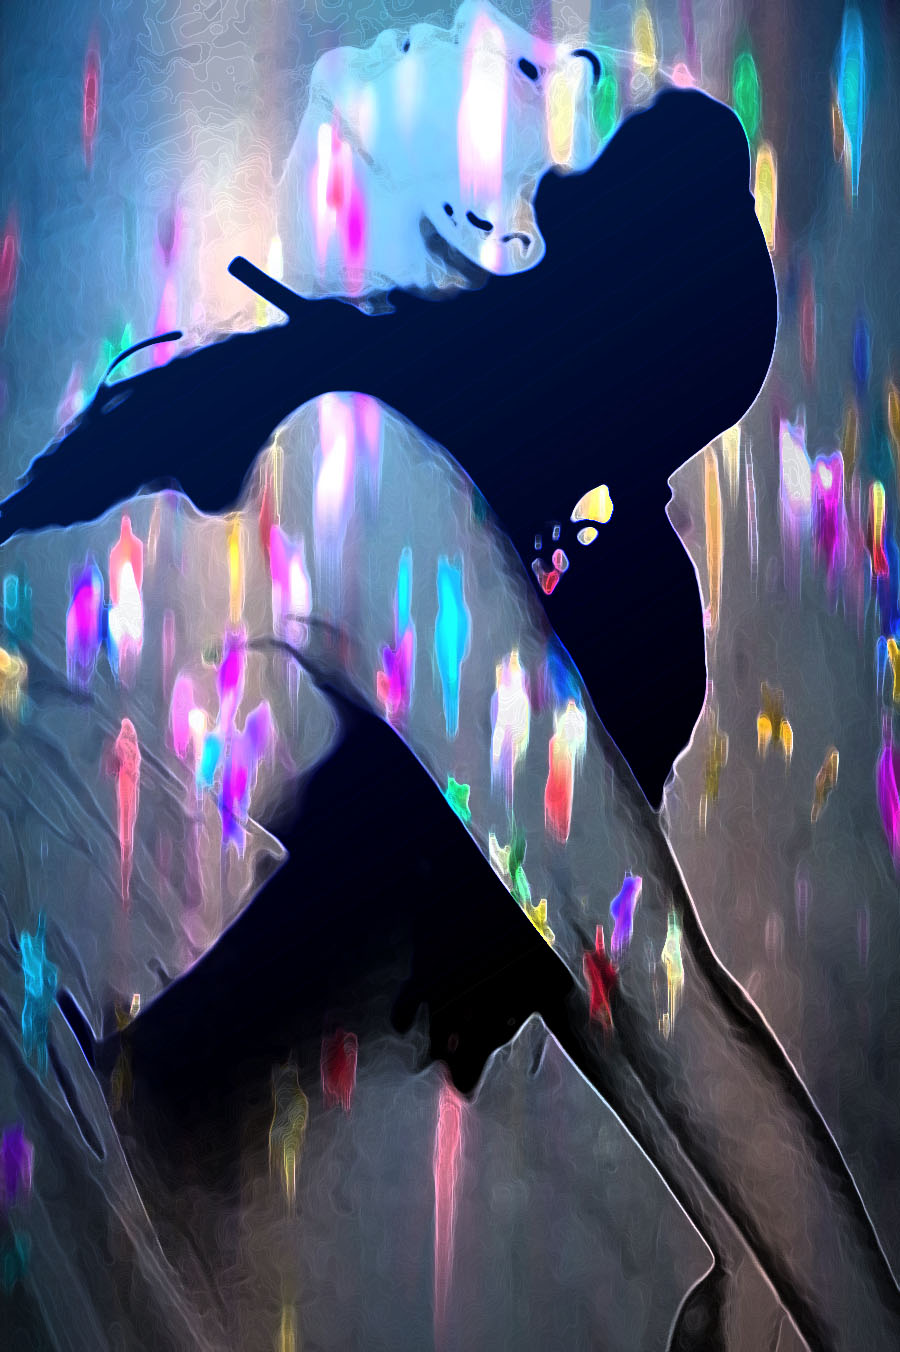 Set My Spirit Free by T3hKeeper